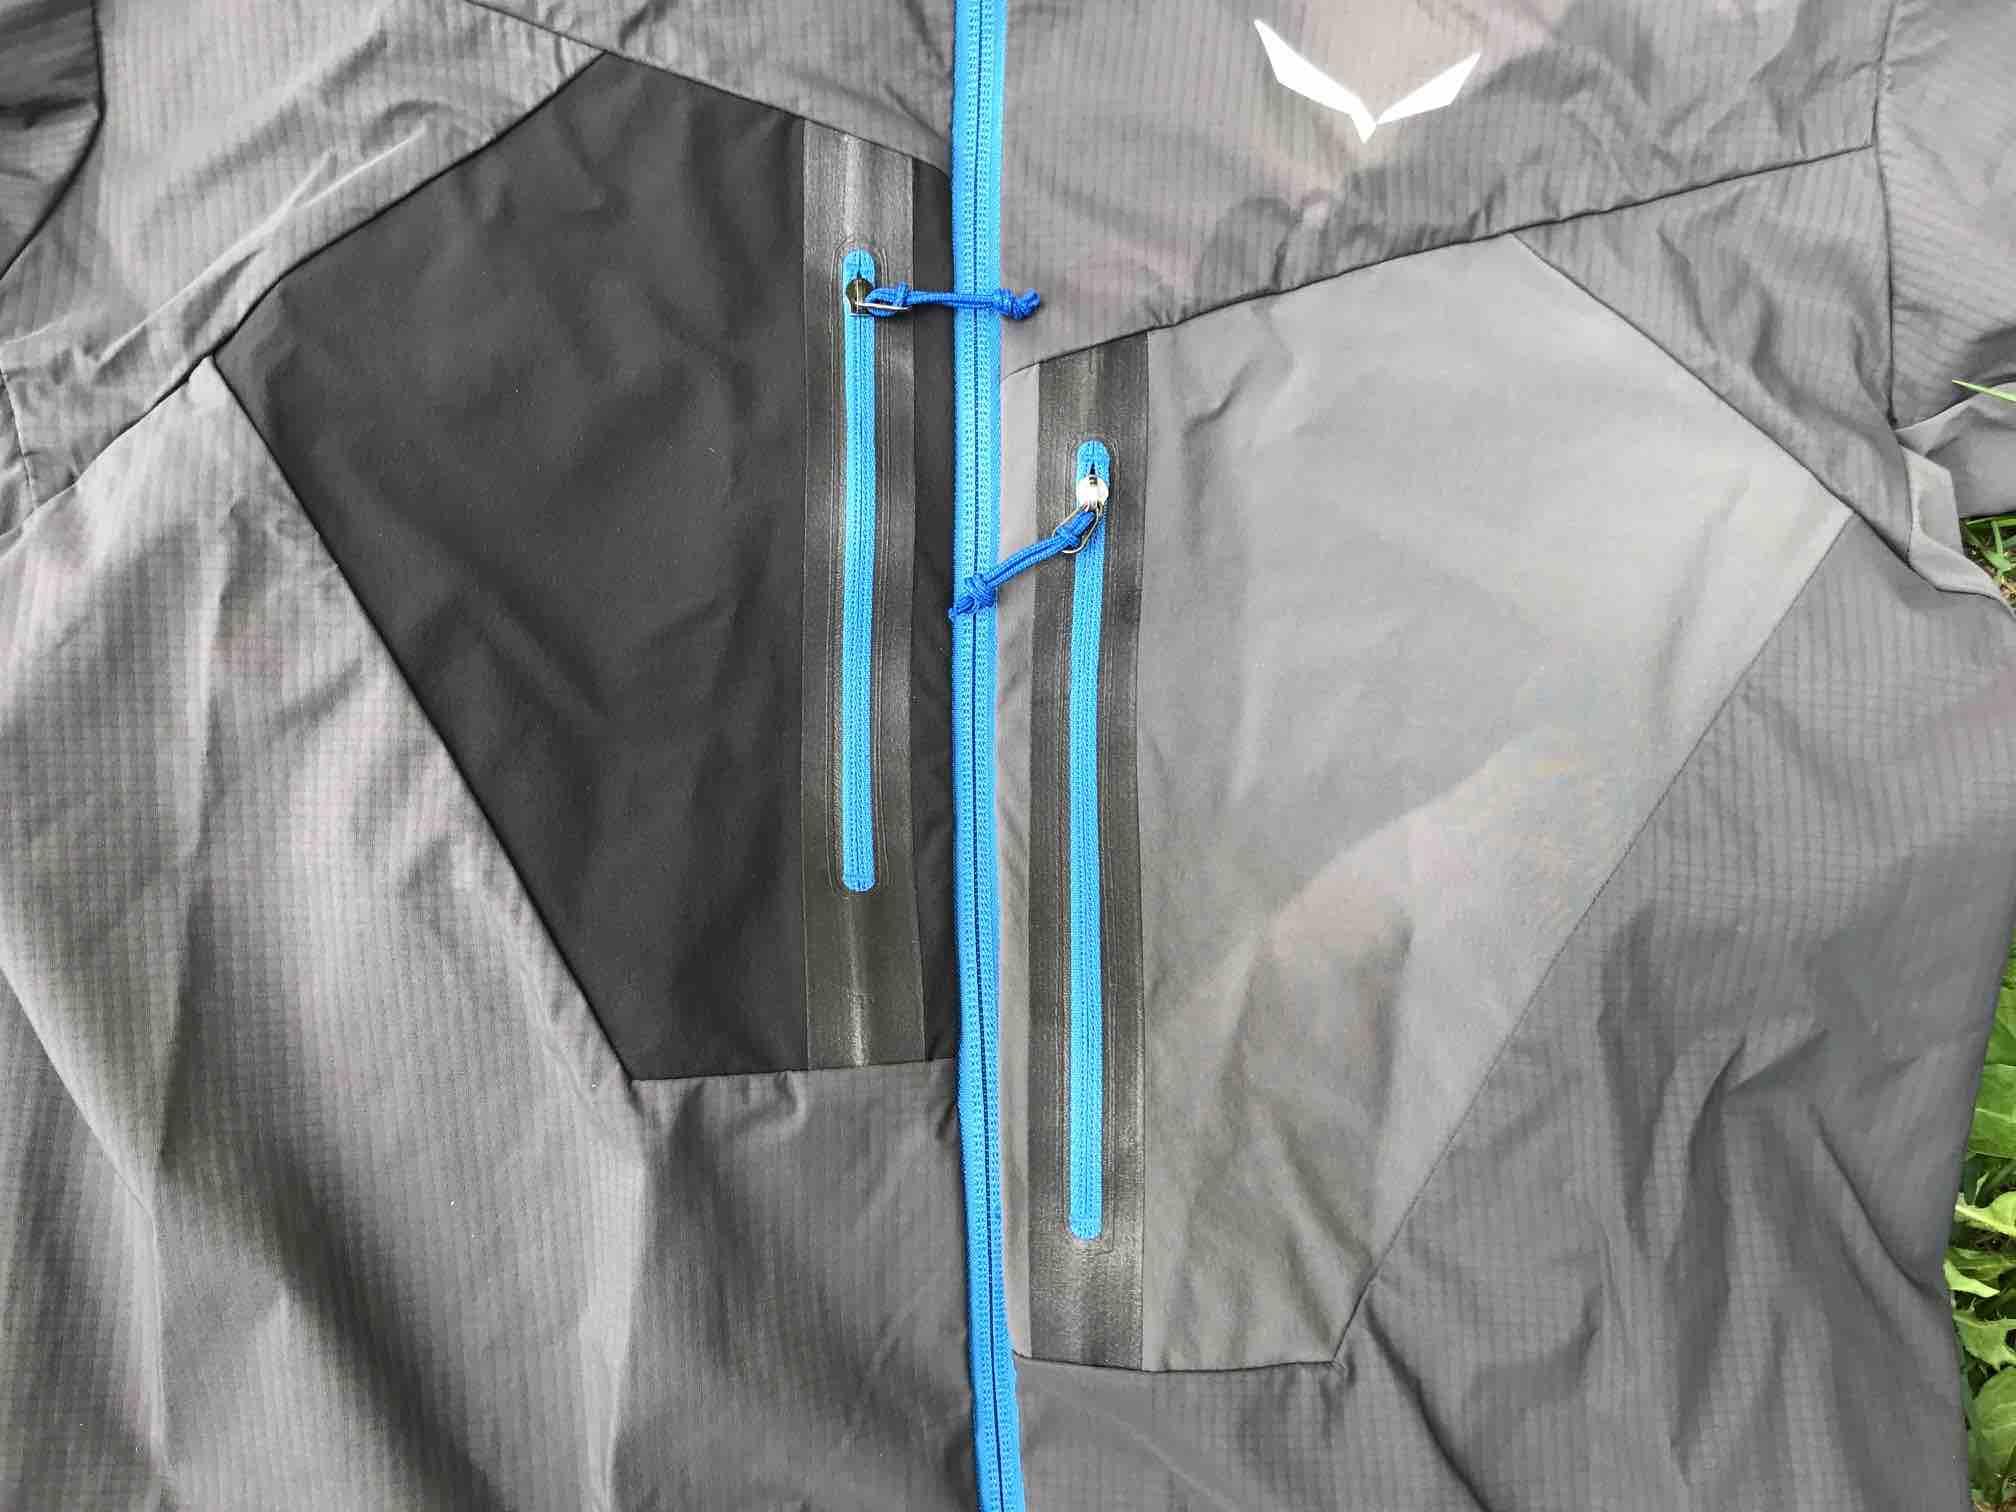 particolare-giacca-salewa-pedroc-hybrid-3-ptx